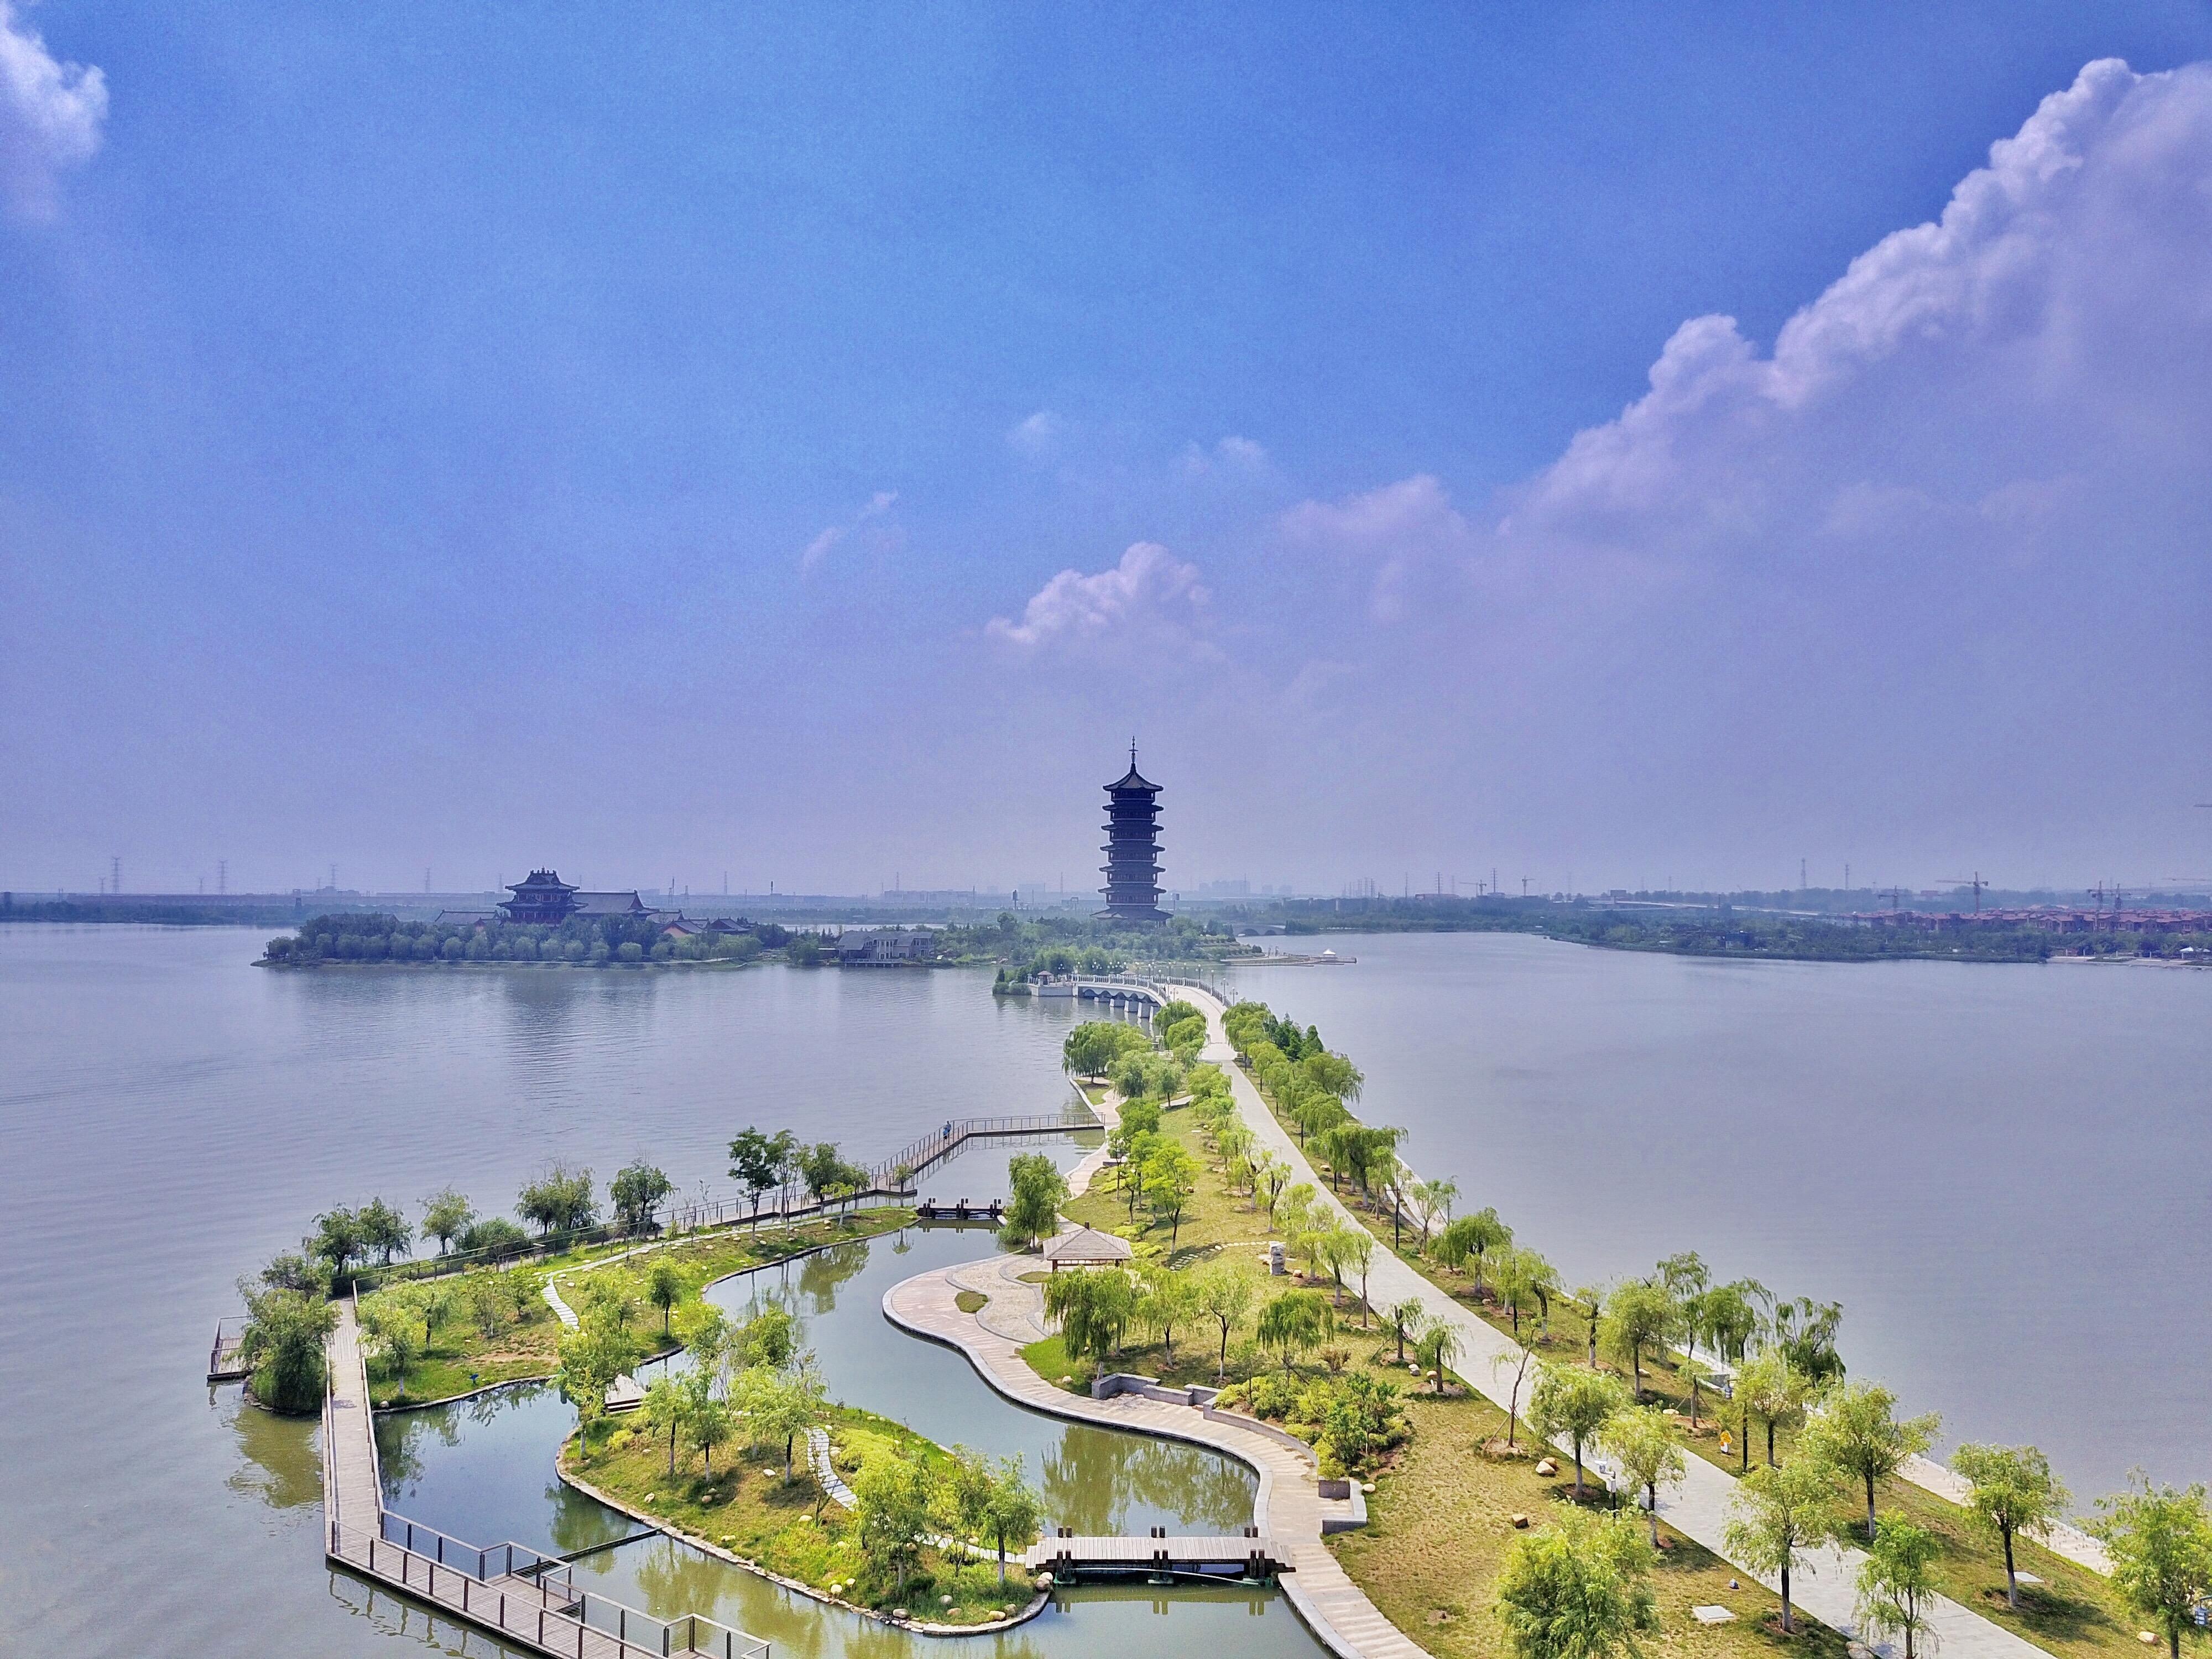 居高臨下,膠州灣風光淨收眼底。